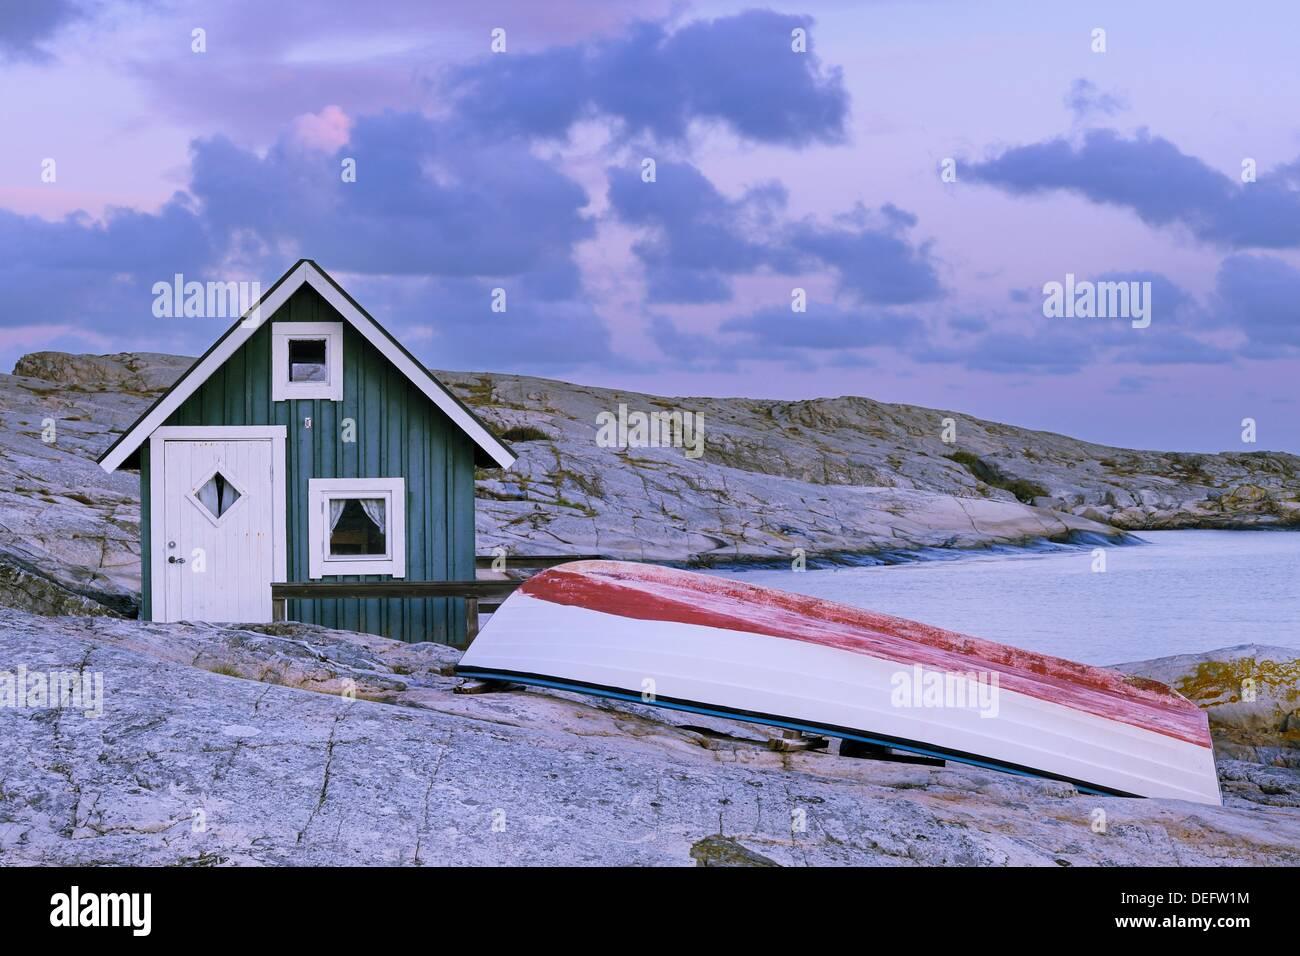 Wunderbar Küsten Hütte Bilder Von Der Küche Galerie - Küchenschrank ...